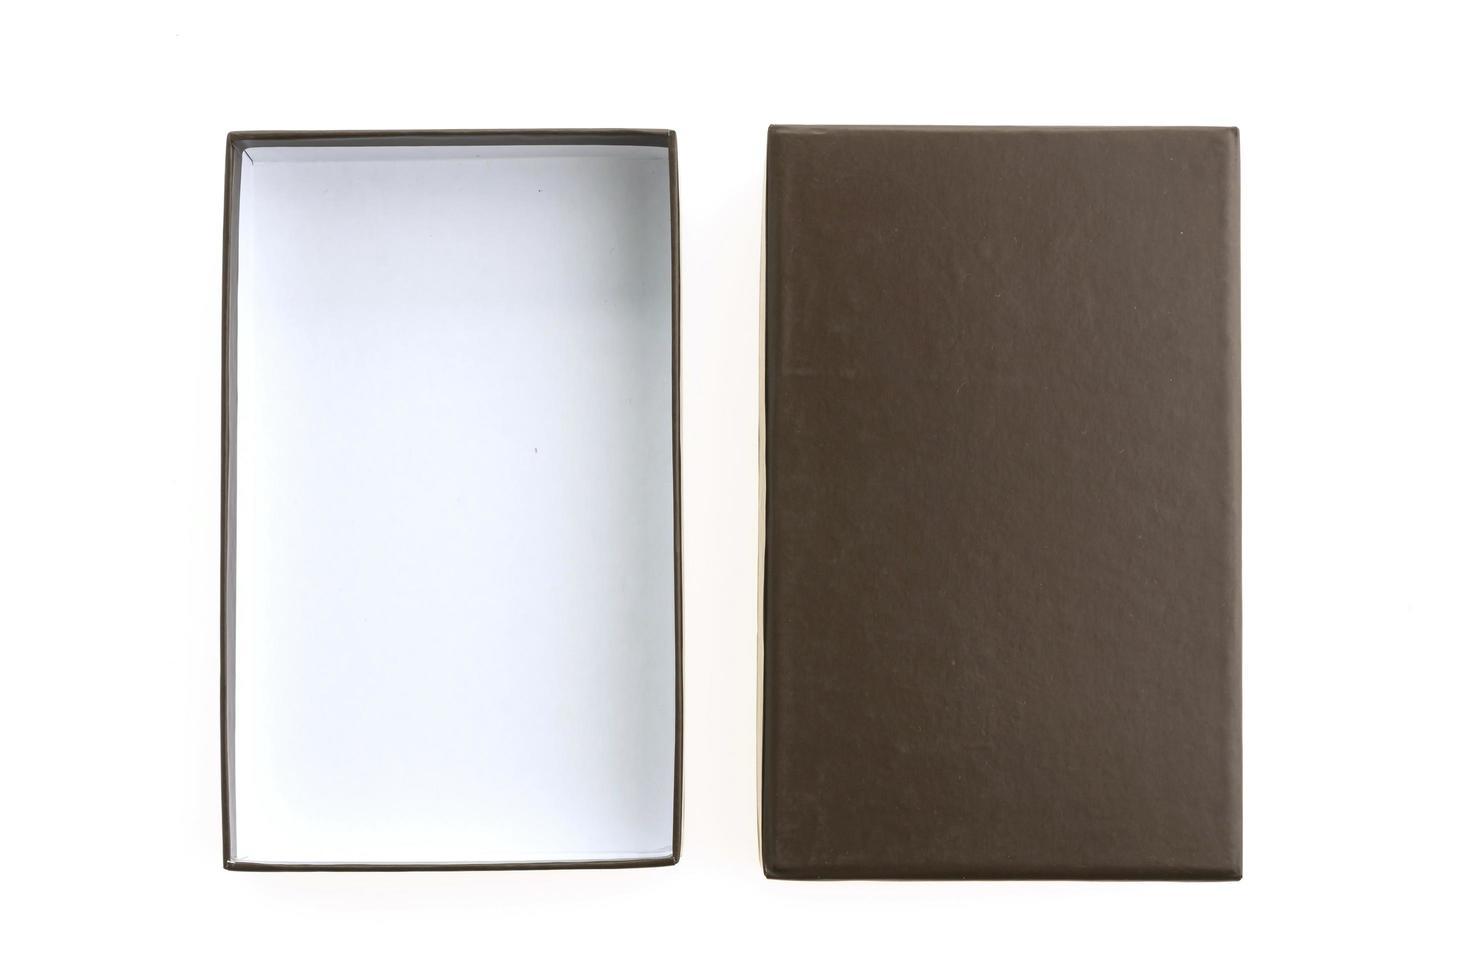 boîte noire vide sur fond blanc photo